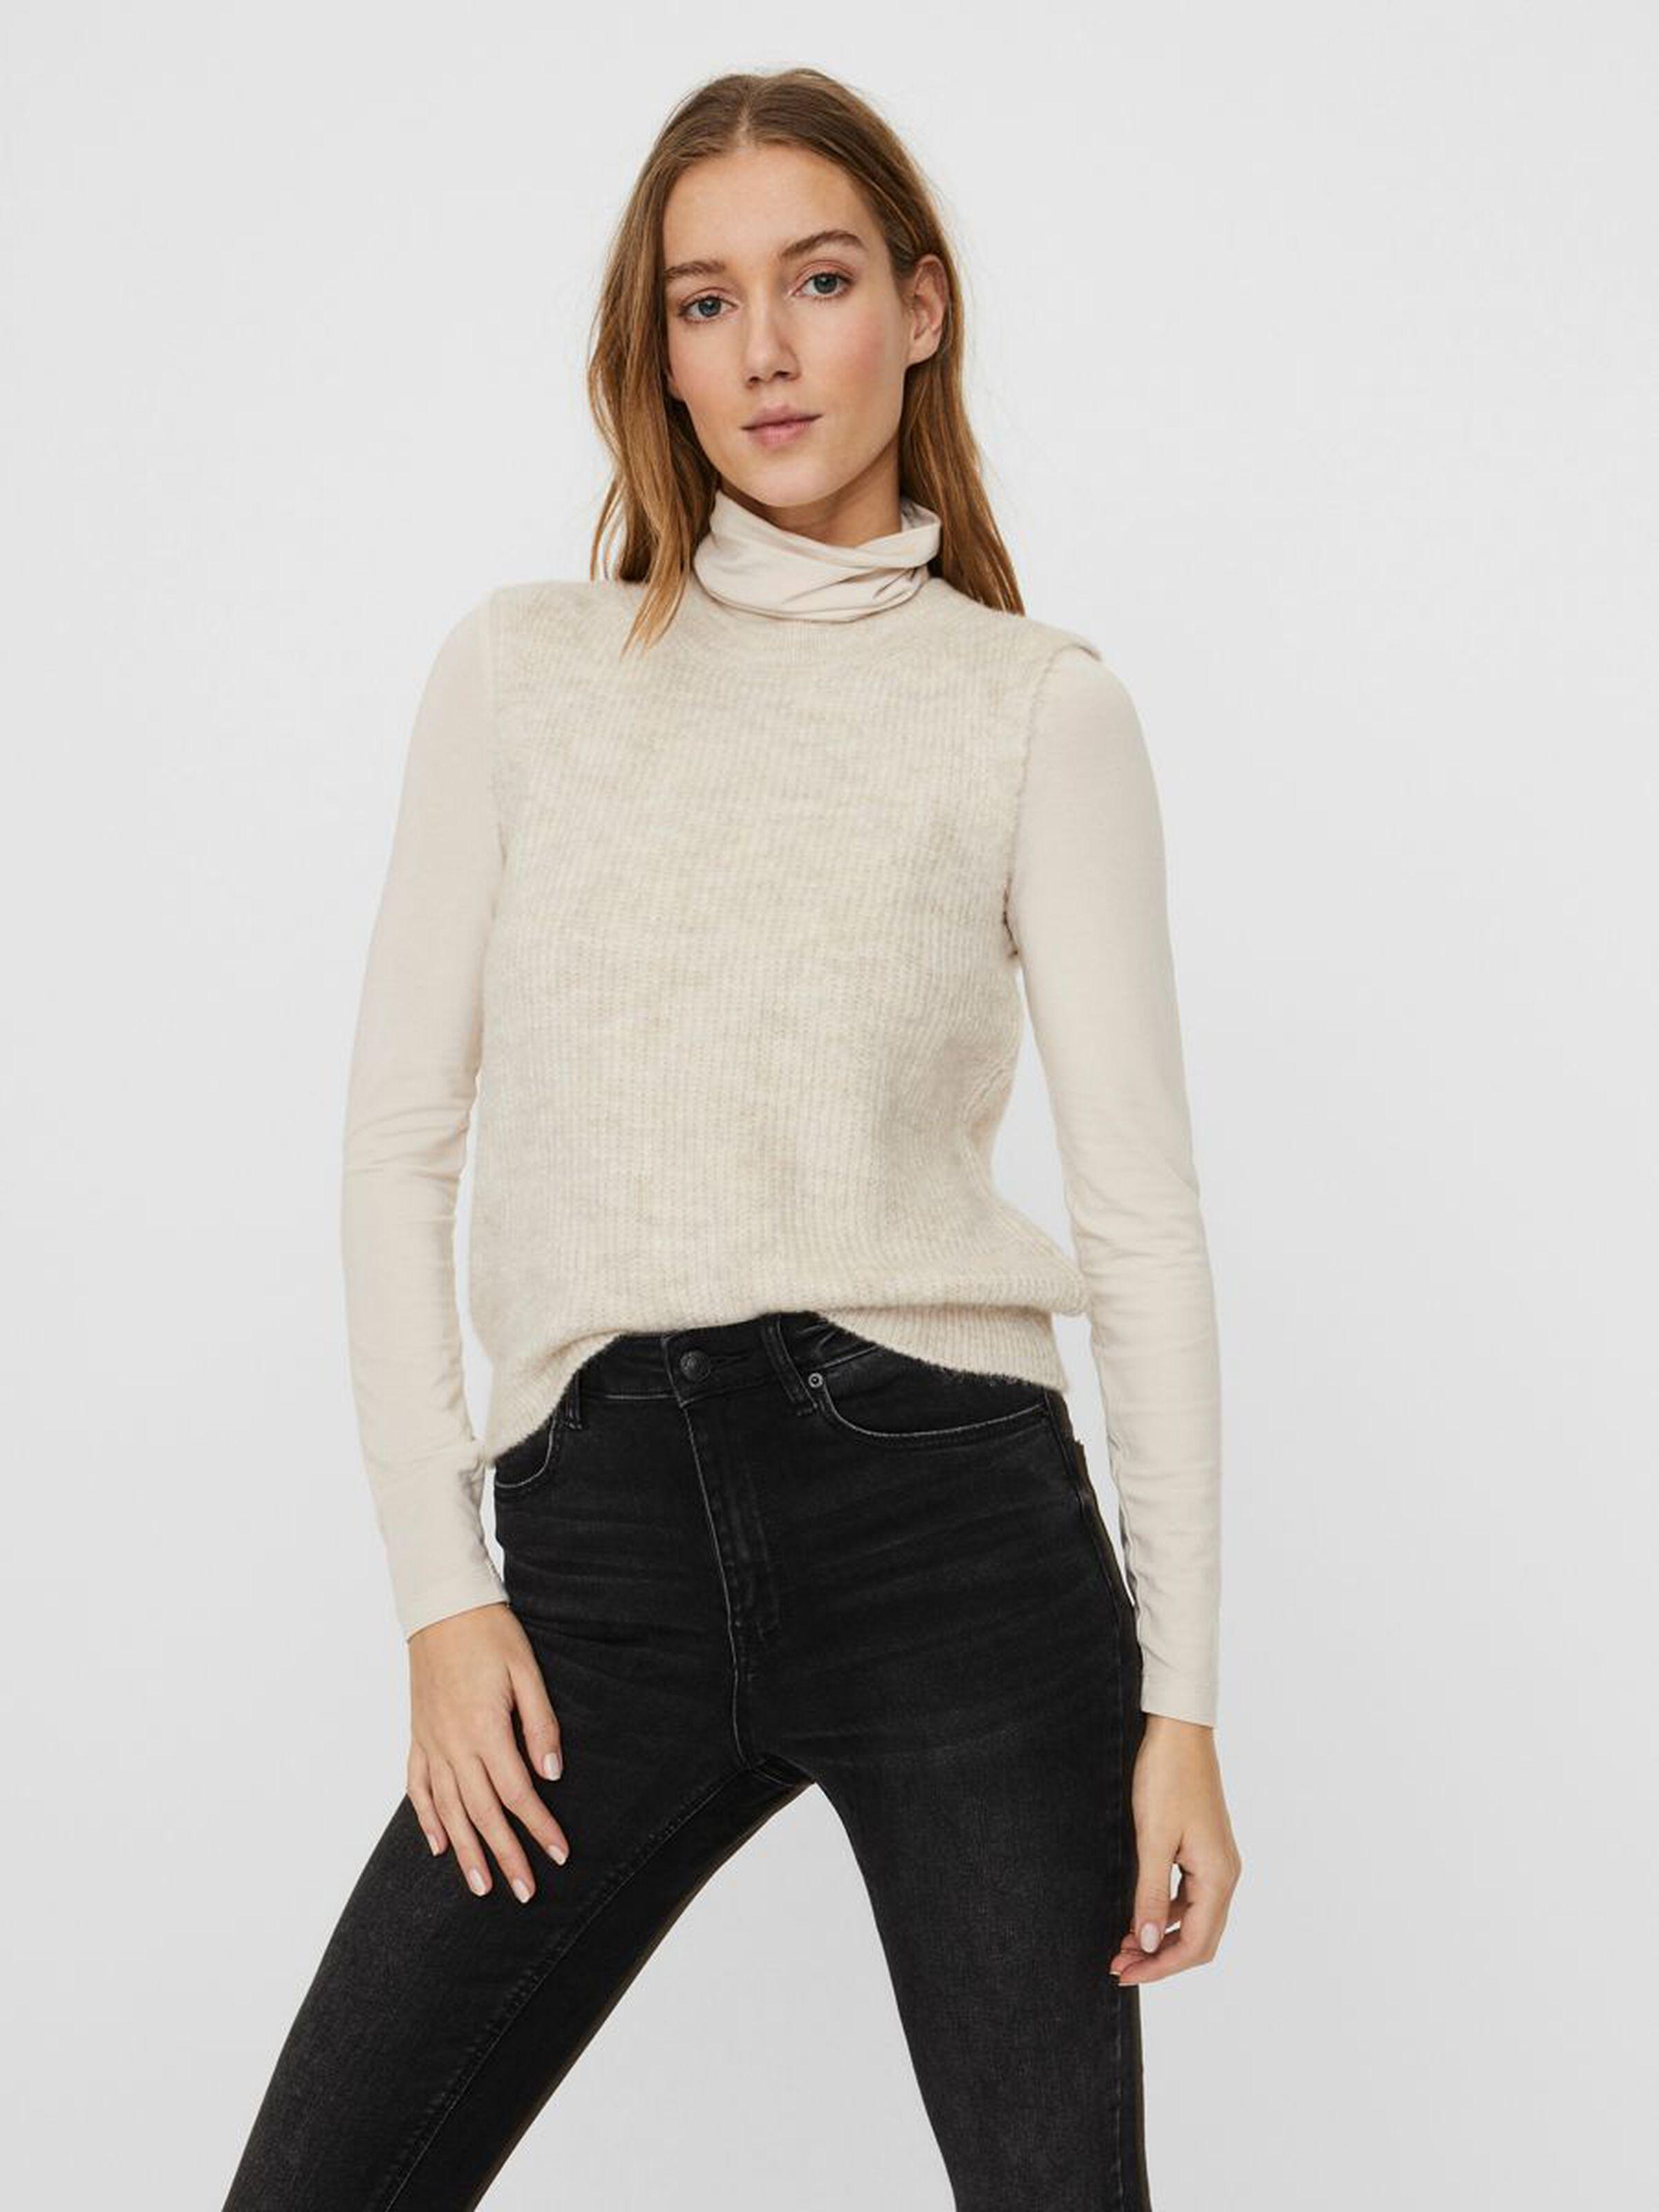 Vero Moda Olina vest, birch, x-small